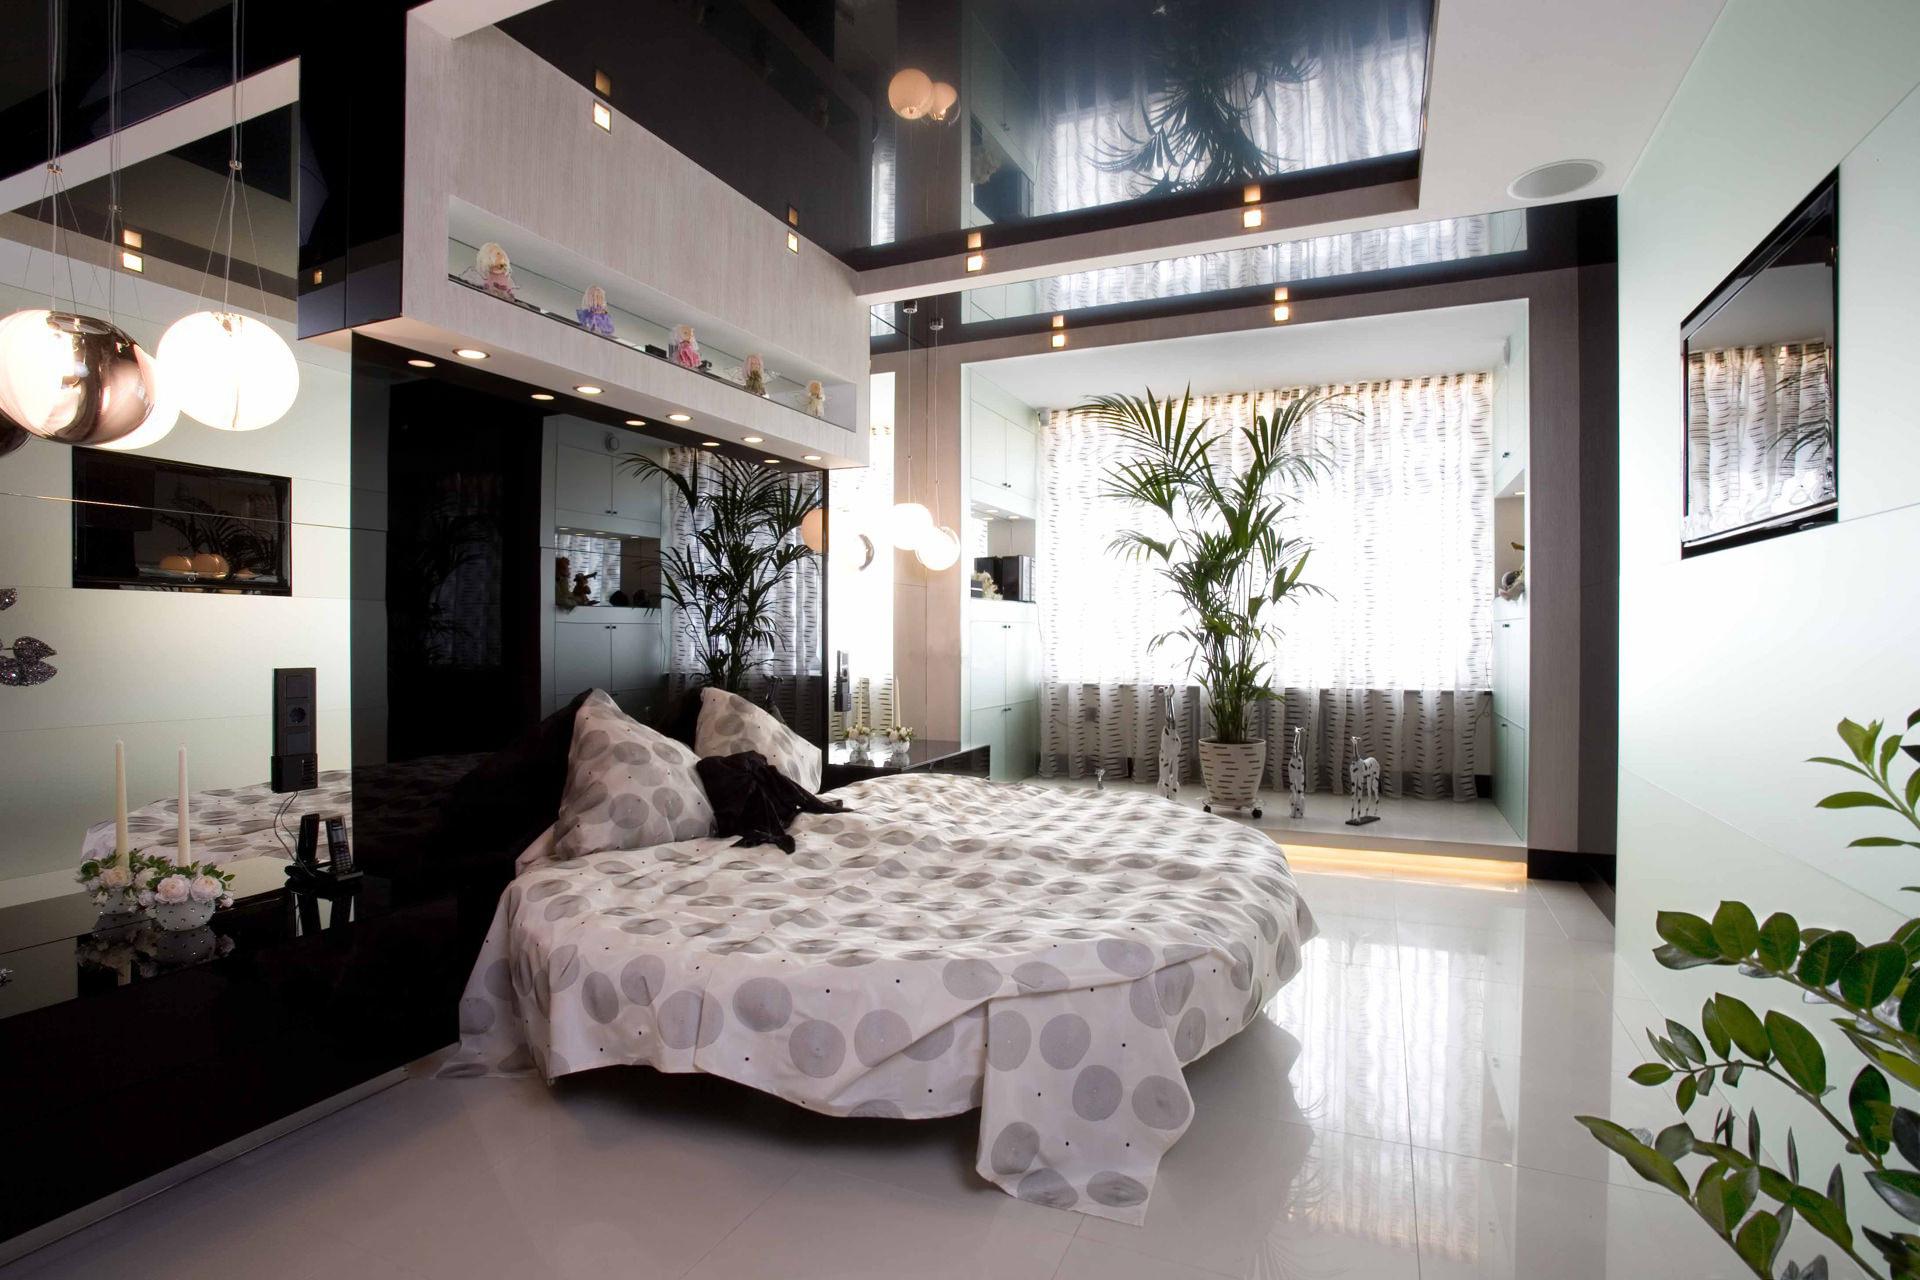 plafonds tendus dans la chambre brillant